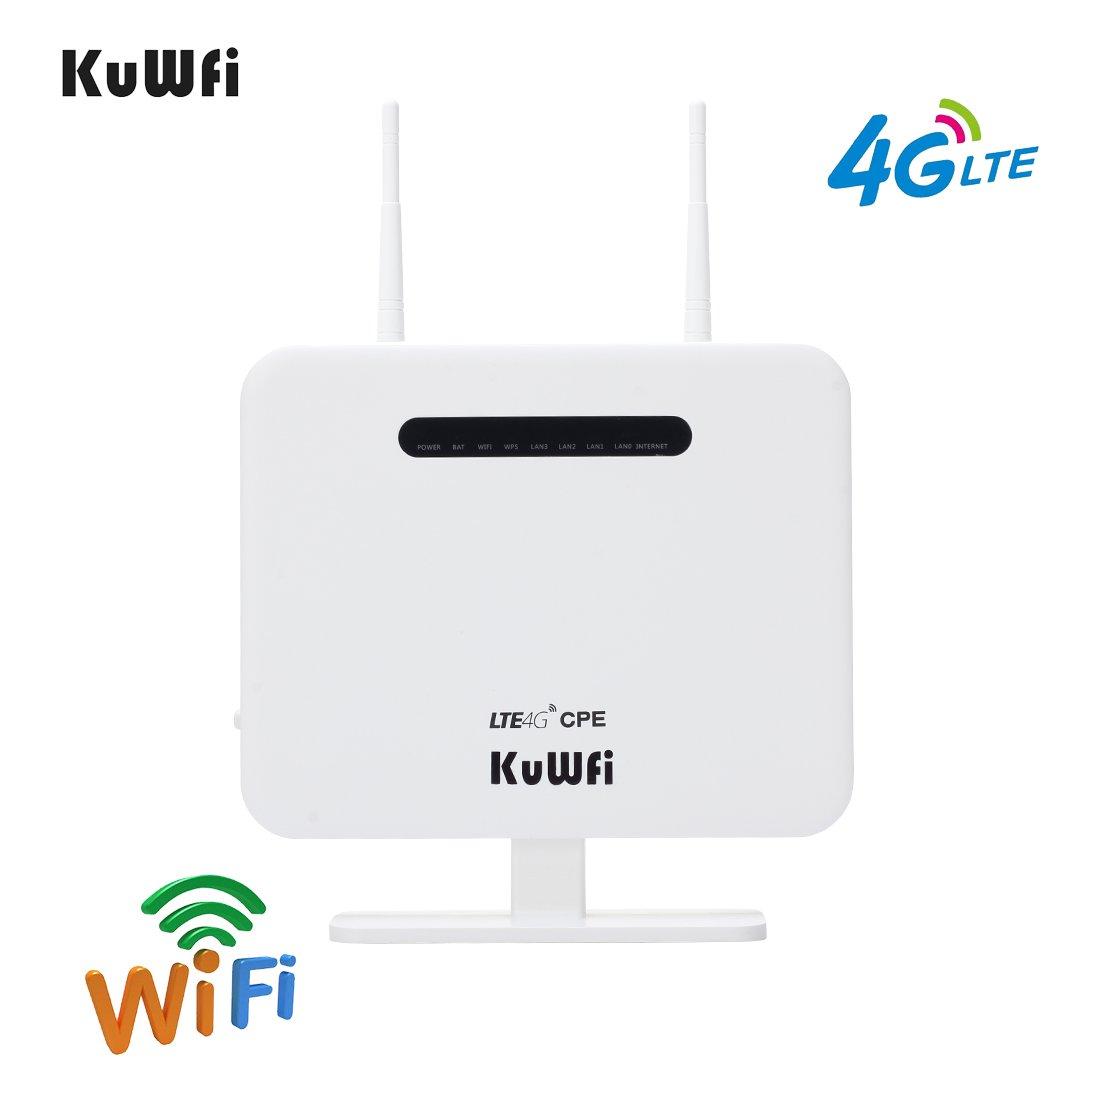 KuWFi CPE Fräser 300Mbps freigesetzter 4G LTE Amazon puter & Zubehör